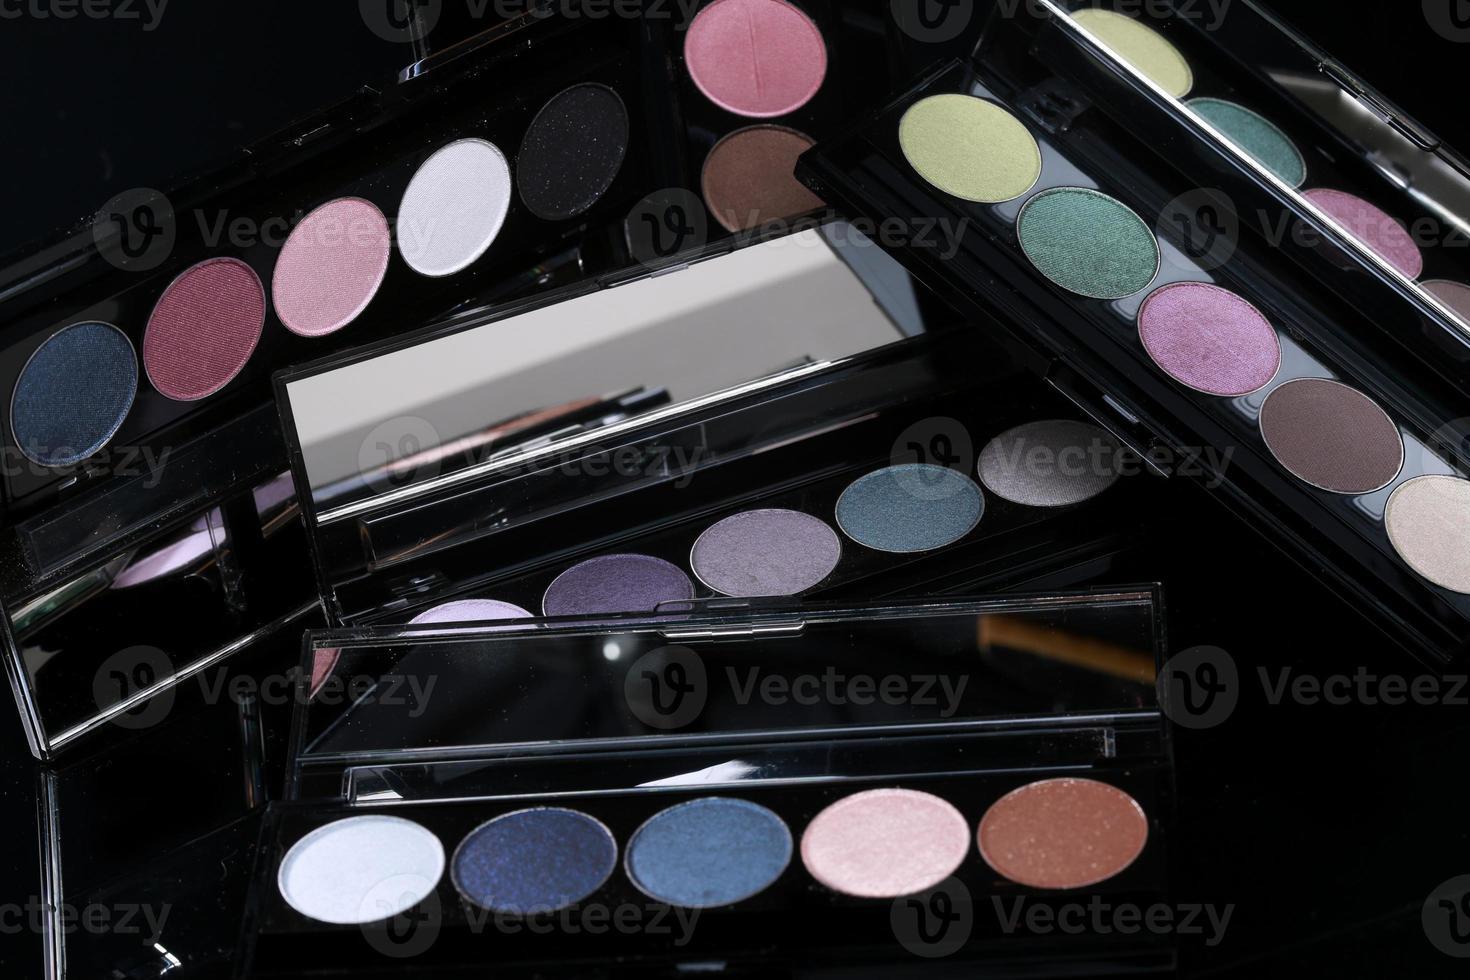 kleurrijke oogschaduwcollecties op zwarte achtergrond foto